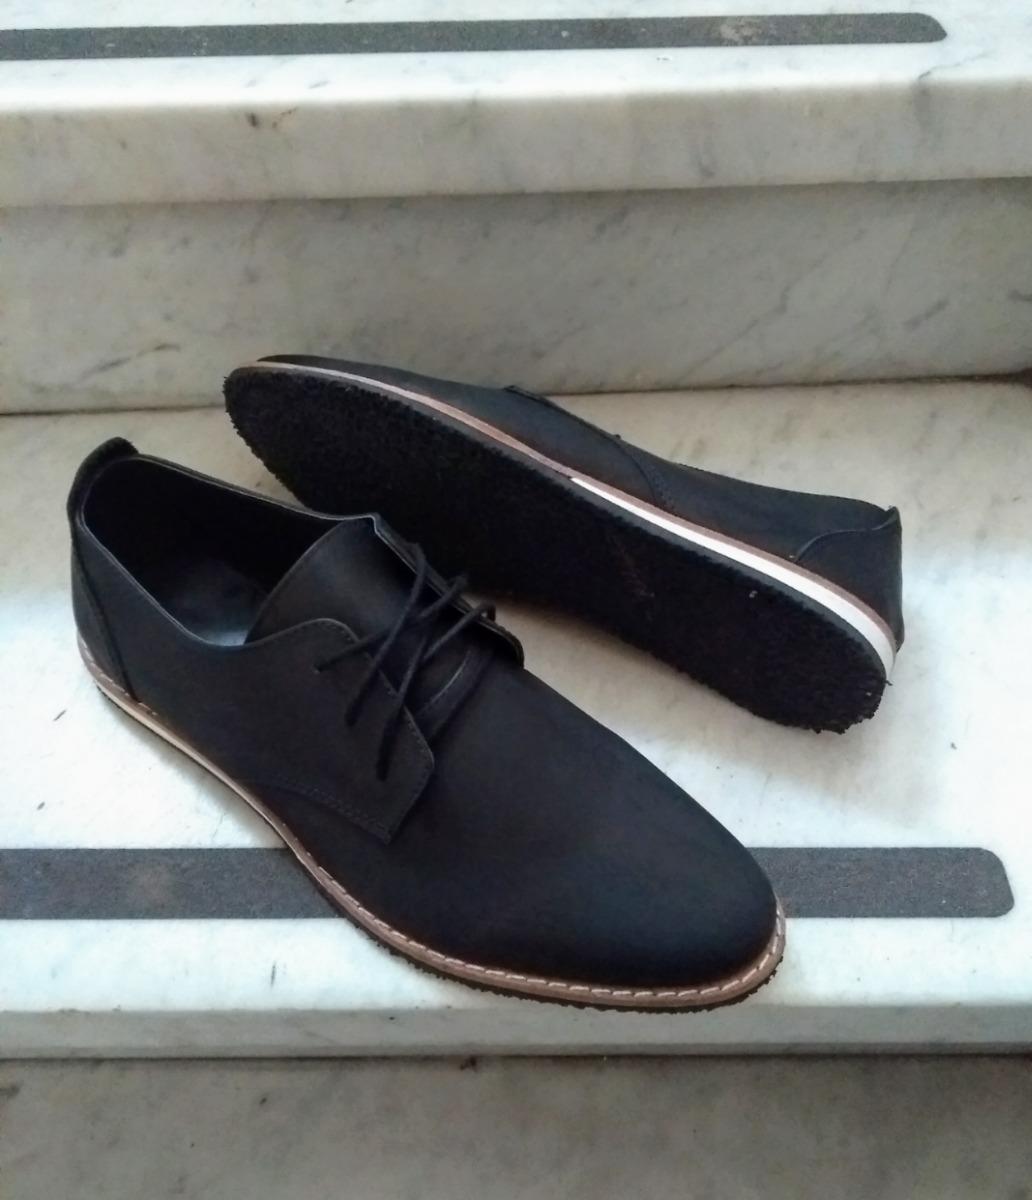 Cuero Zapatos Mayor 300 00 Hombre Por Menor Y Fabricantes1 CxBdoer